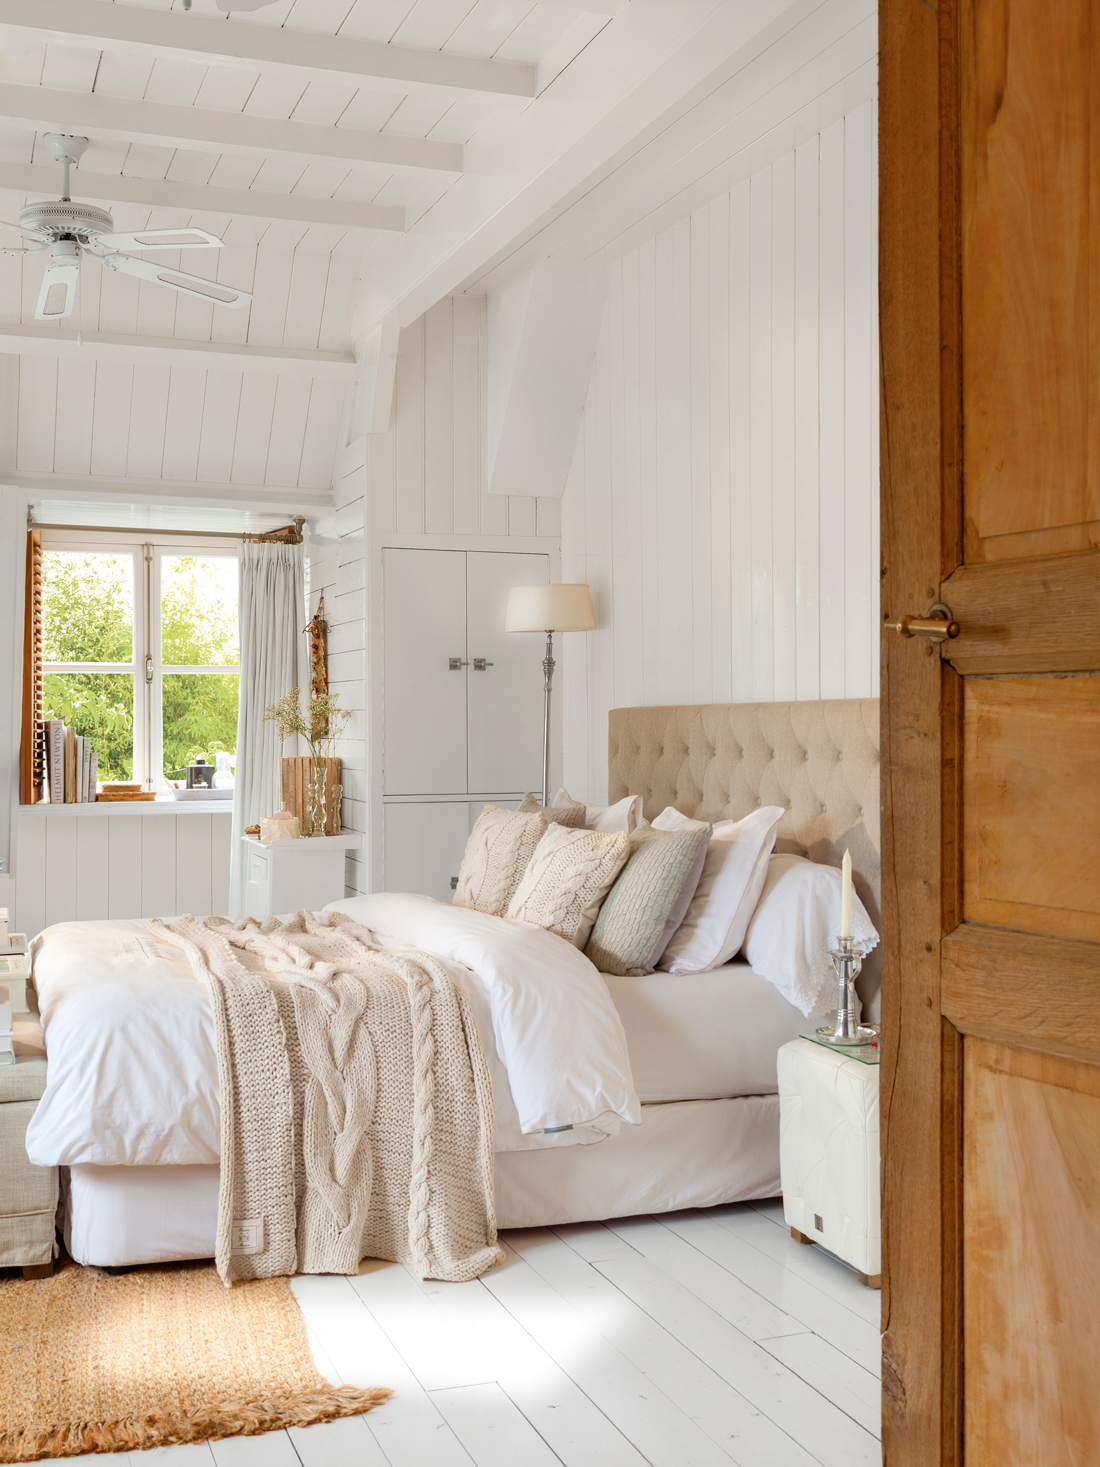 Colores que curan con sus propiedades - Cabecero blanco madera ...